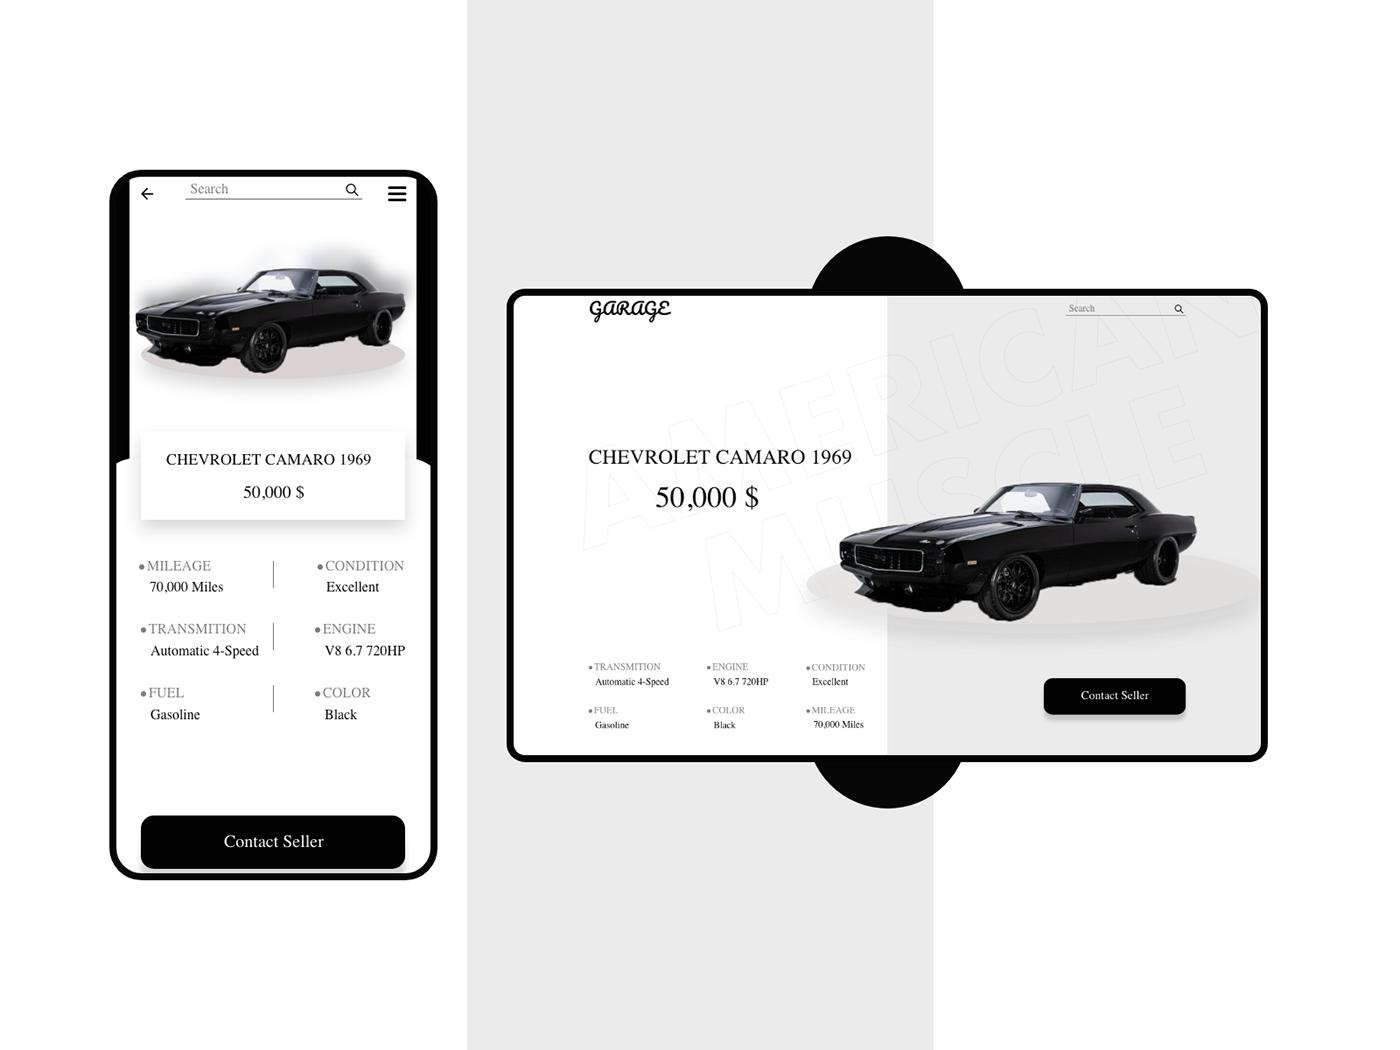 Image may contain: land vehicle, screenshot and abstract